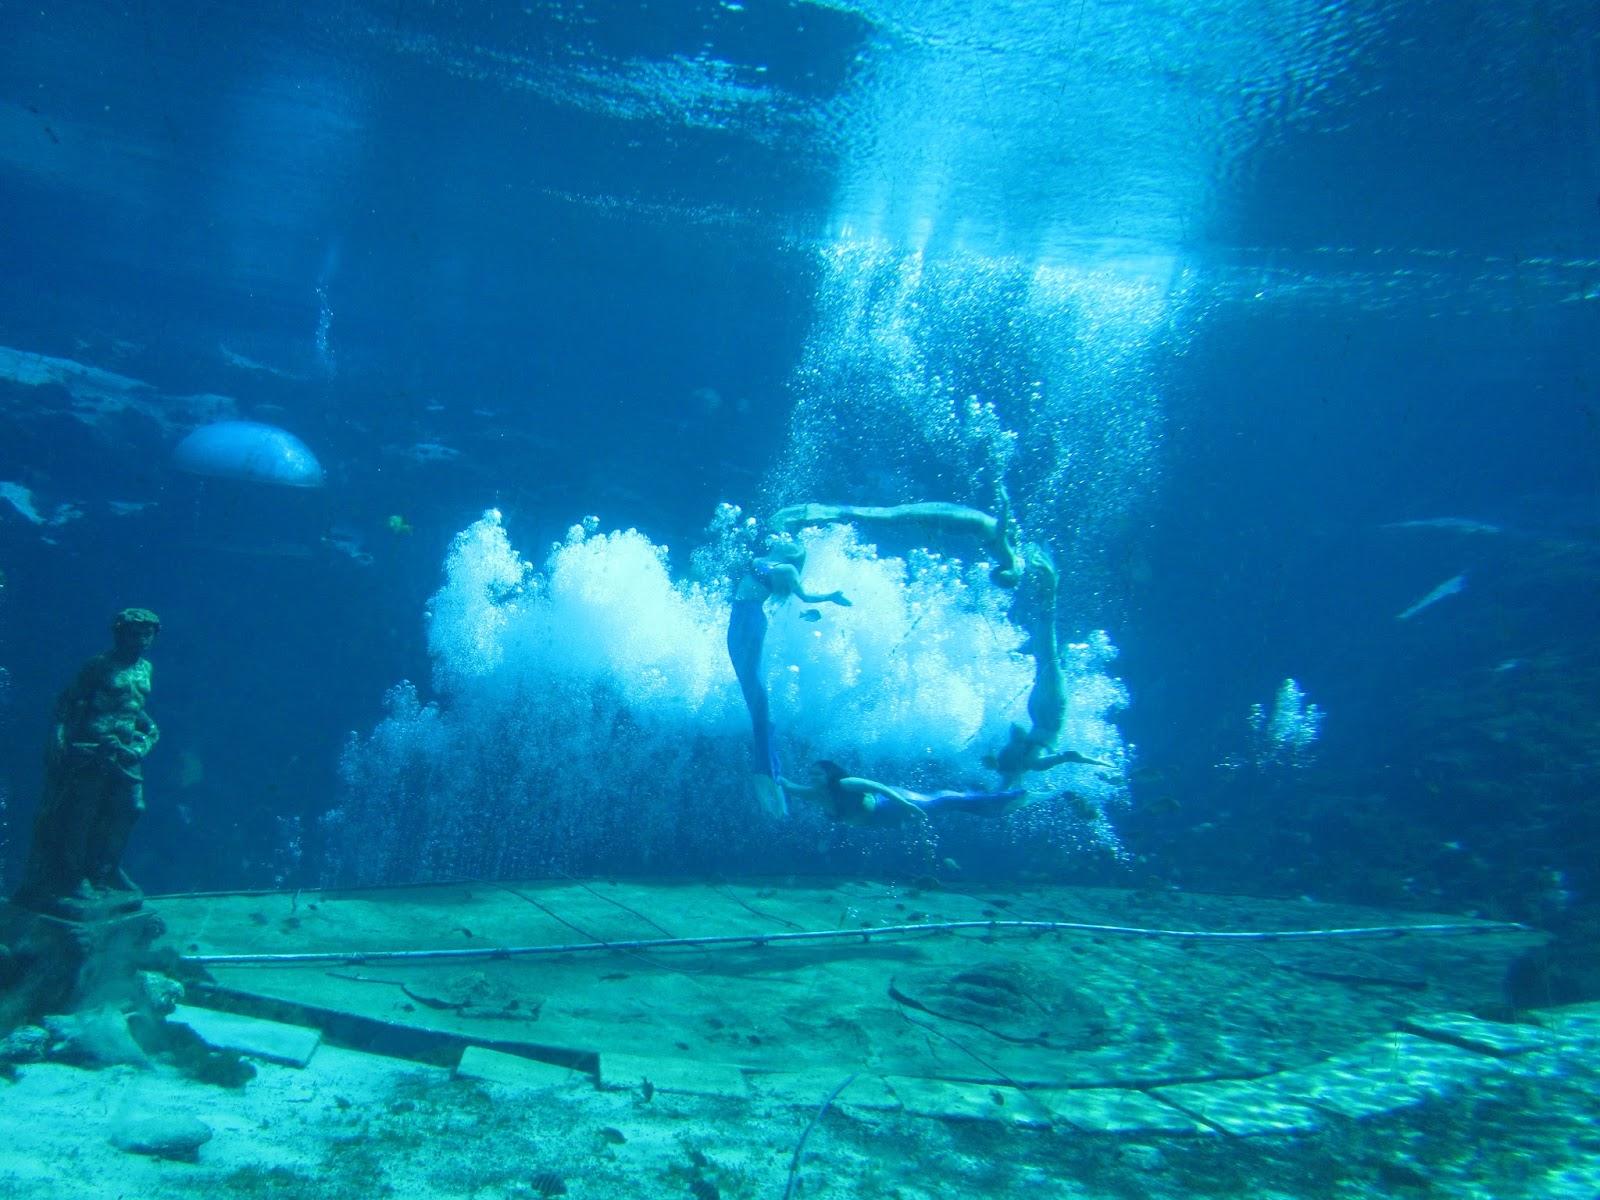 1 Downtown Aquarium Denver Colorado Mystic Mermaid Show Includes Conservation Messages S 20 Children 14 2 Ripley Myrtle Beach Sc